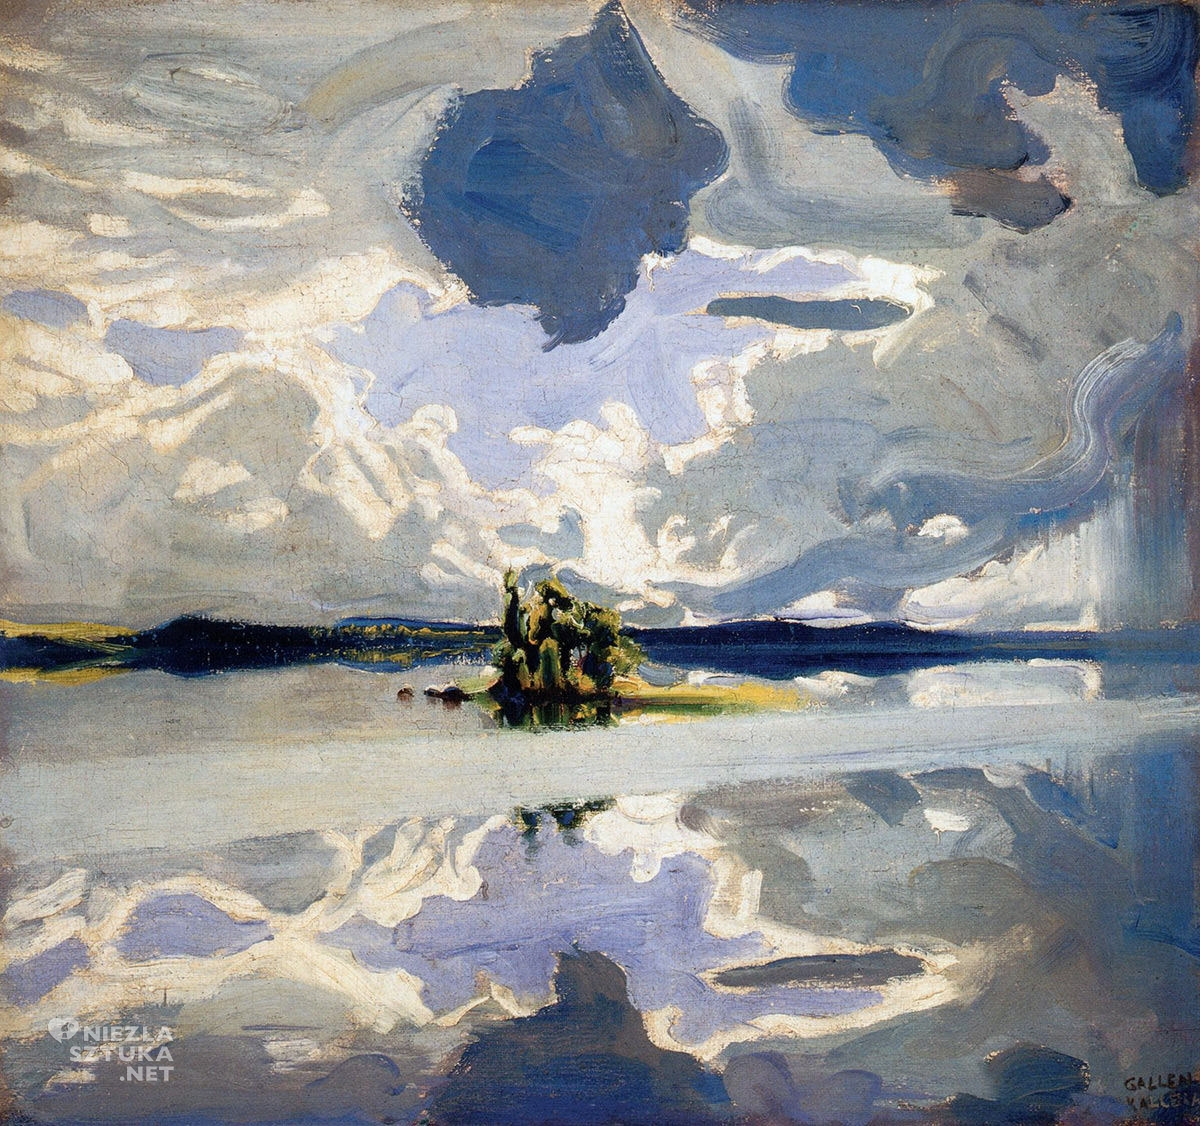 Akseli Gallen-Kallela, Chmury nad jeziorem, sztuka fińska, sztuka europejska, malarstwo, Niezła Sztuka